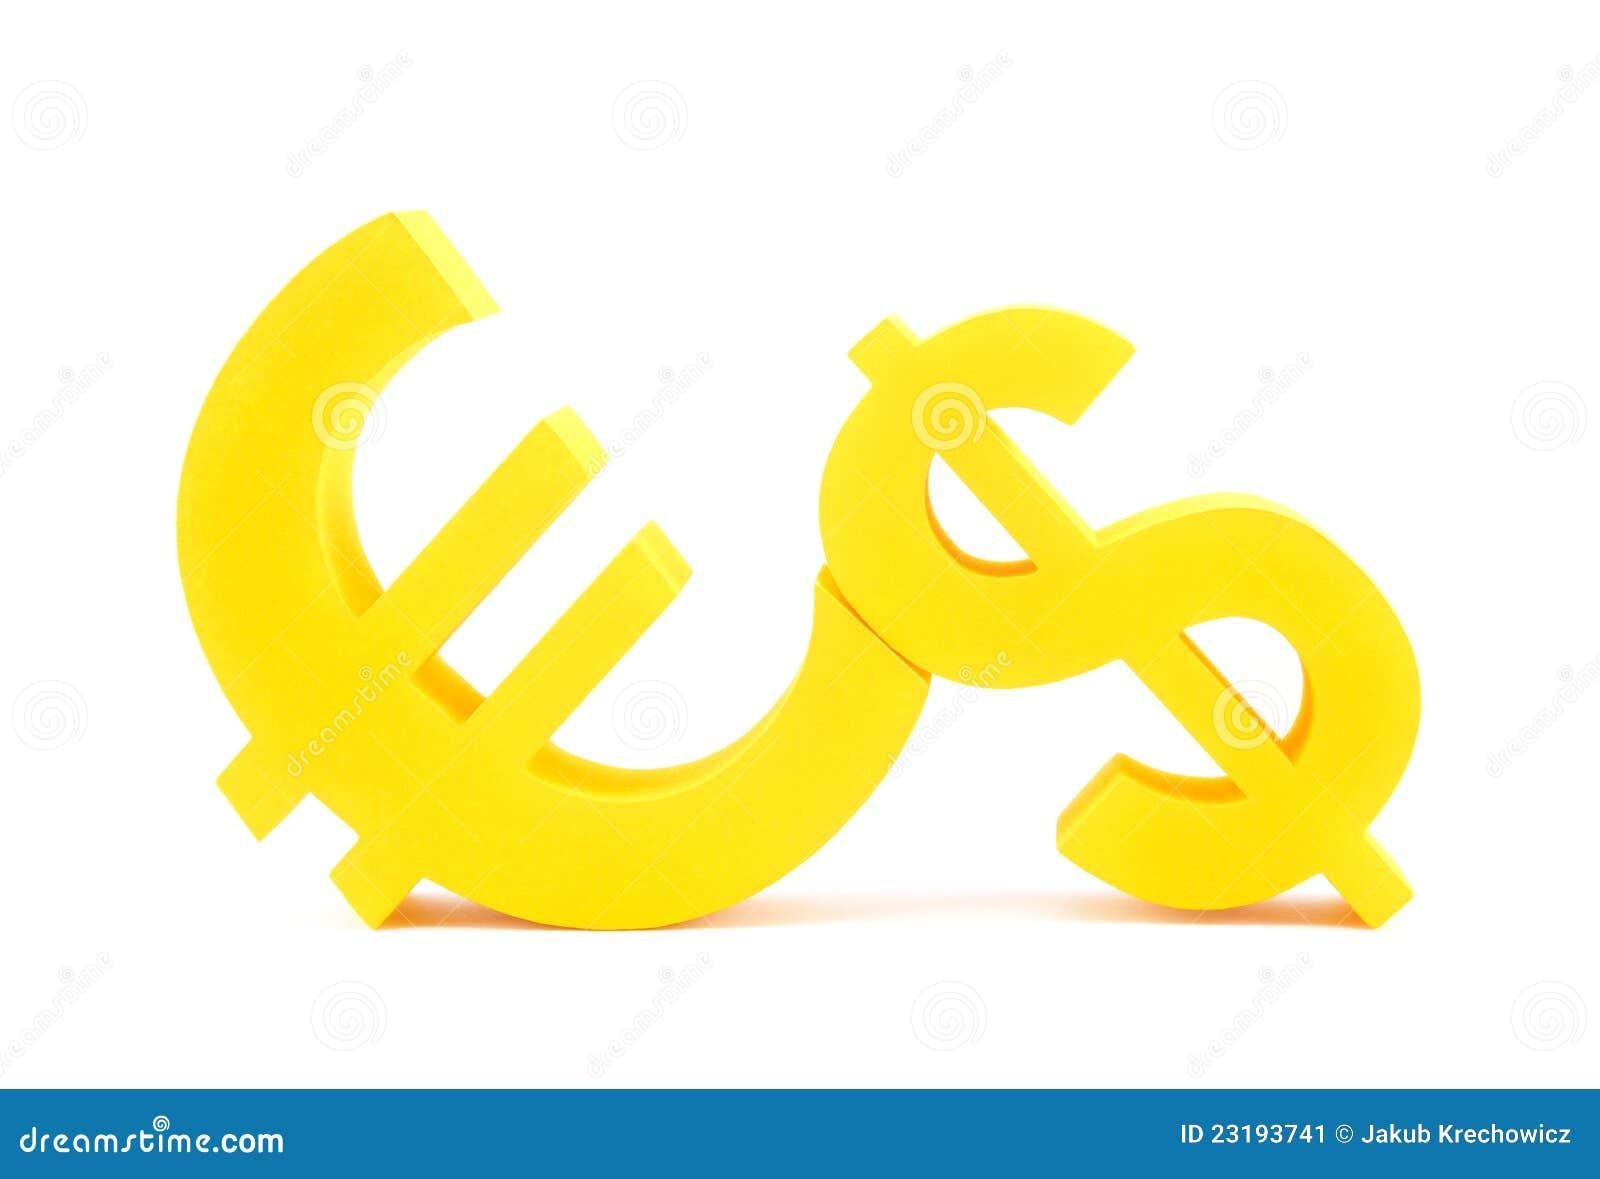 Euro with dollar symbols stock image image of money 23193741 euro with dollar symbols money currency buycottarizona Choice Image